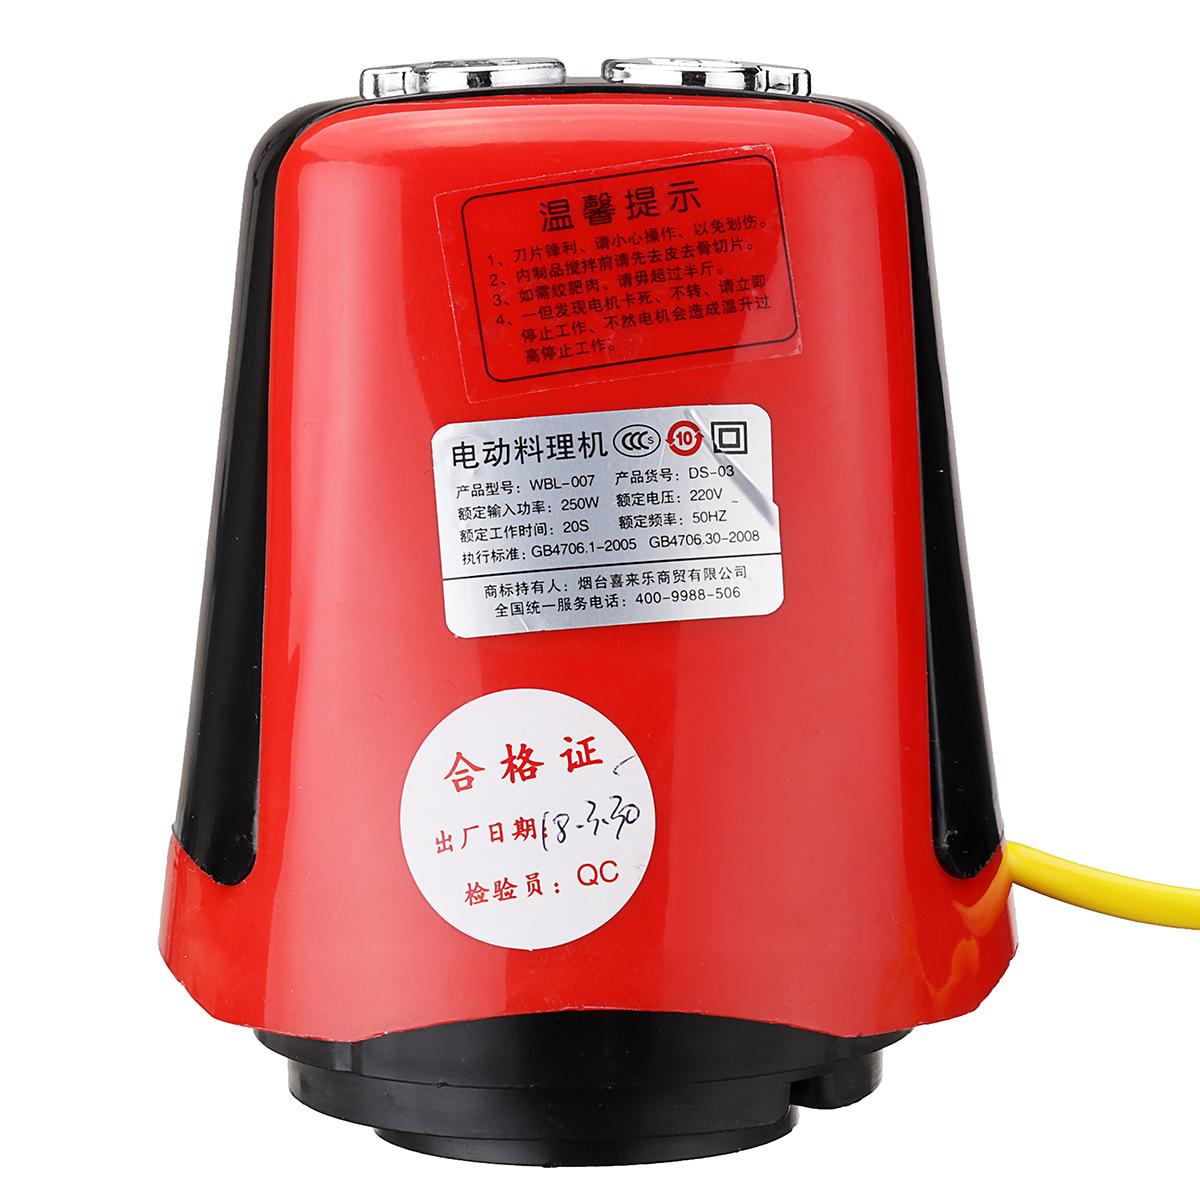 220V 3L 250W Electric Meat Grinder Food Blender Chopper Household Processor Machine